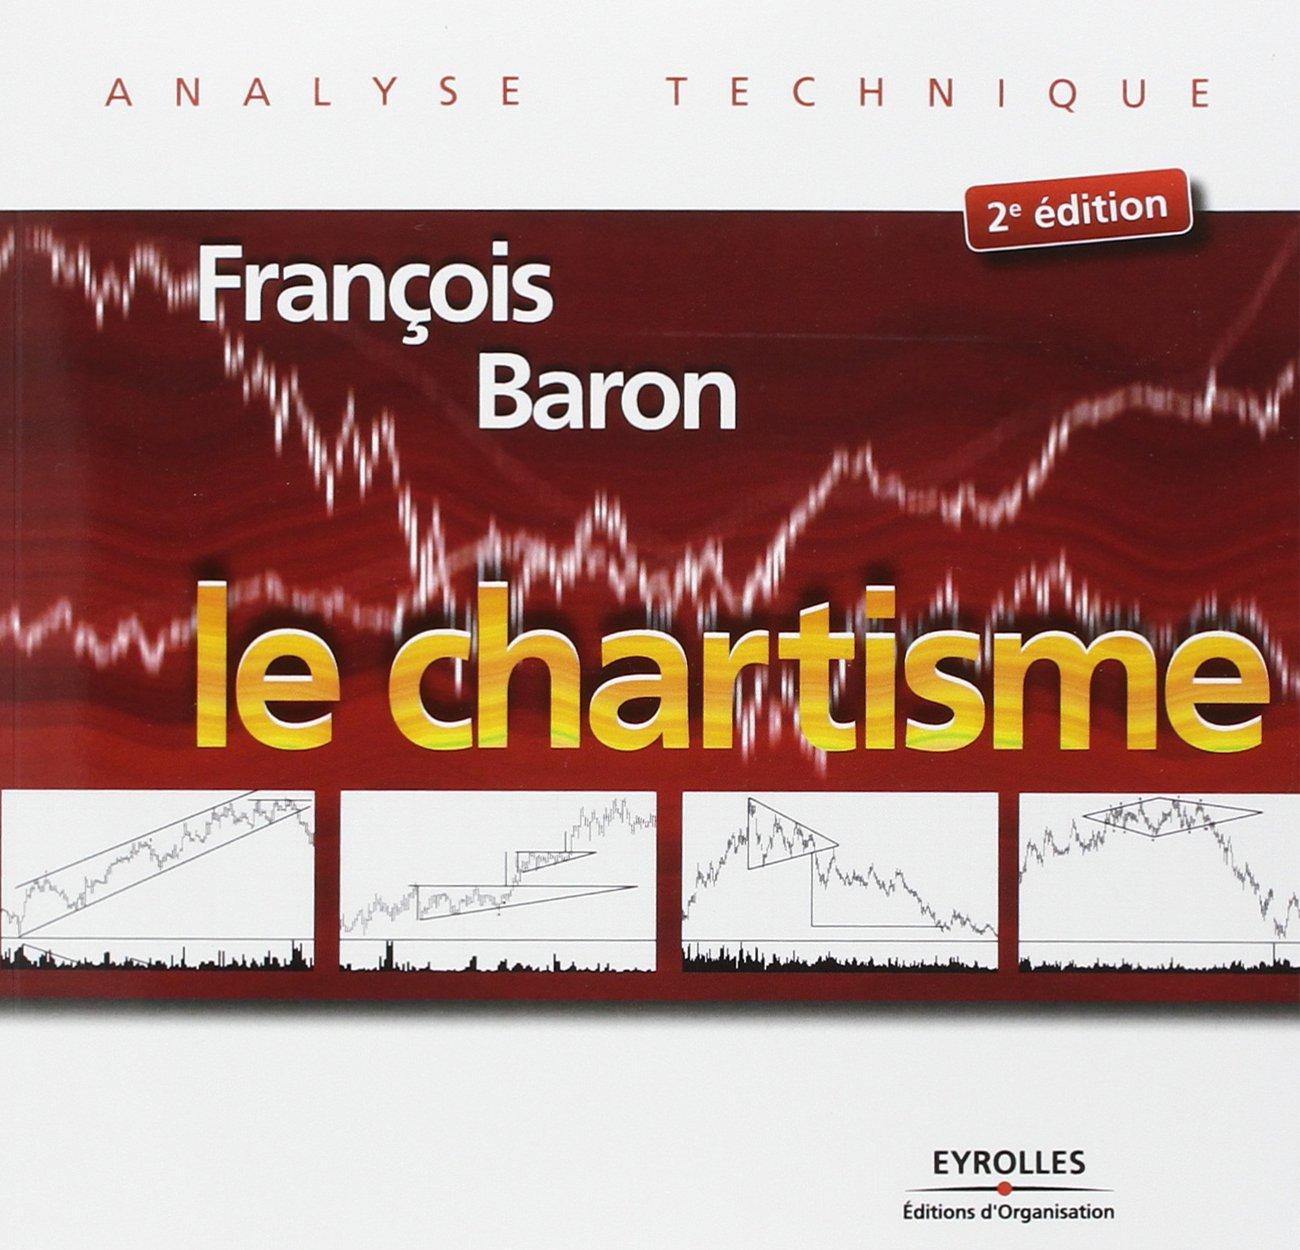 Le chartisme Broché – 21 février 2008 François Baron Editions d' Organisation 2212540167 AUK2212540167